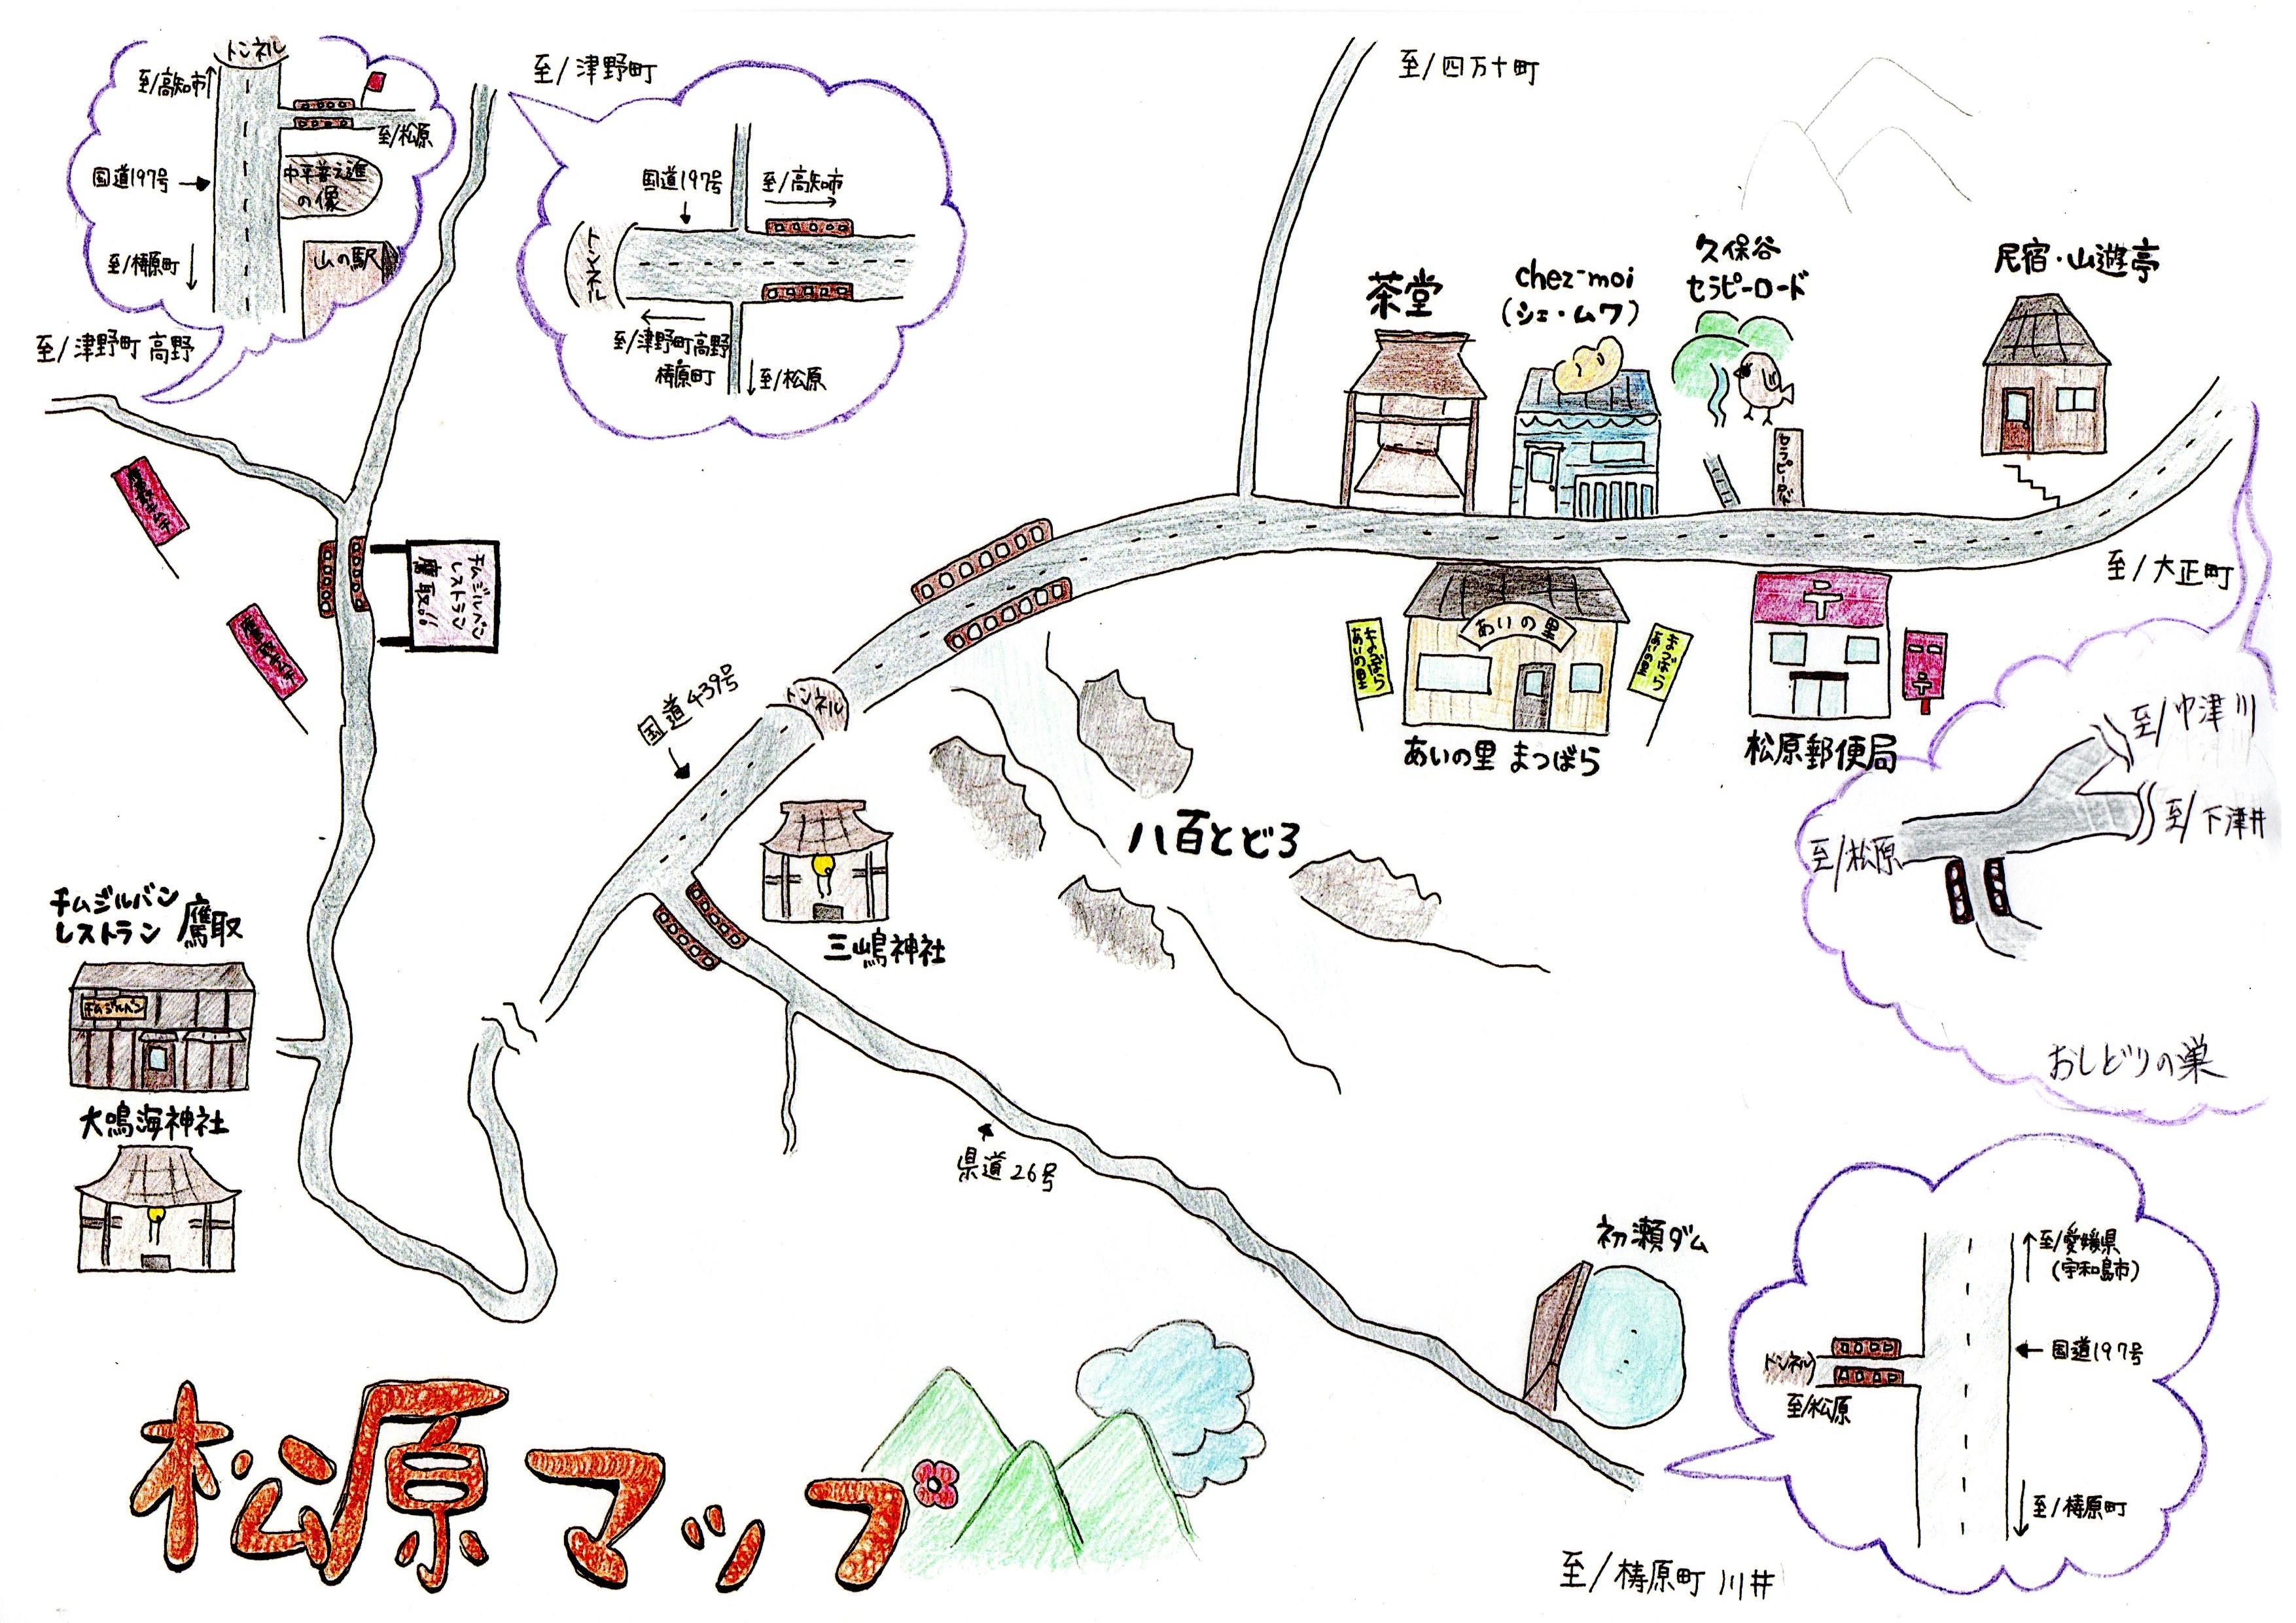 松原マップ2 手書き150